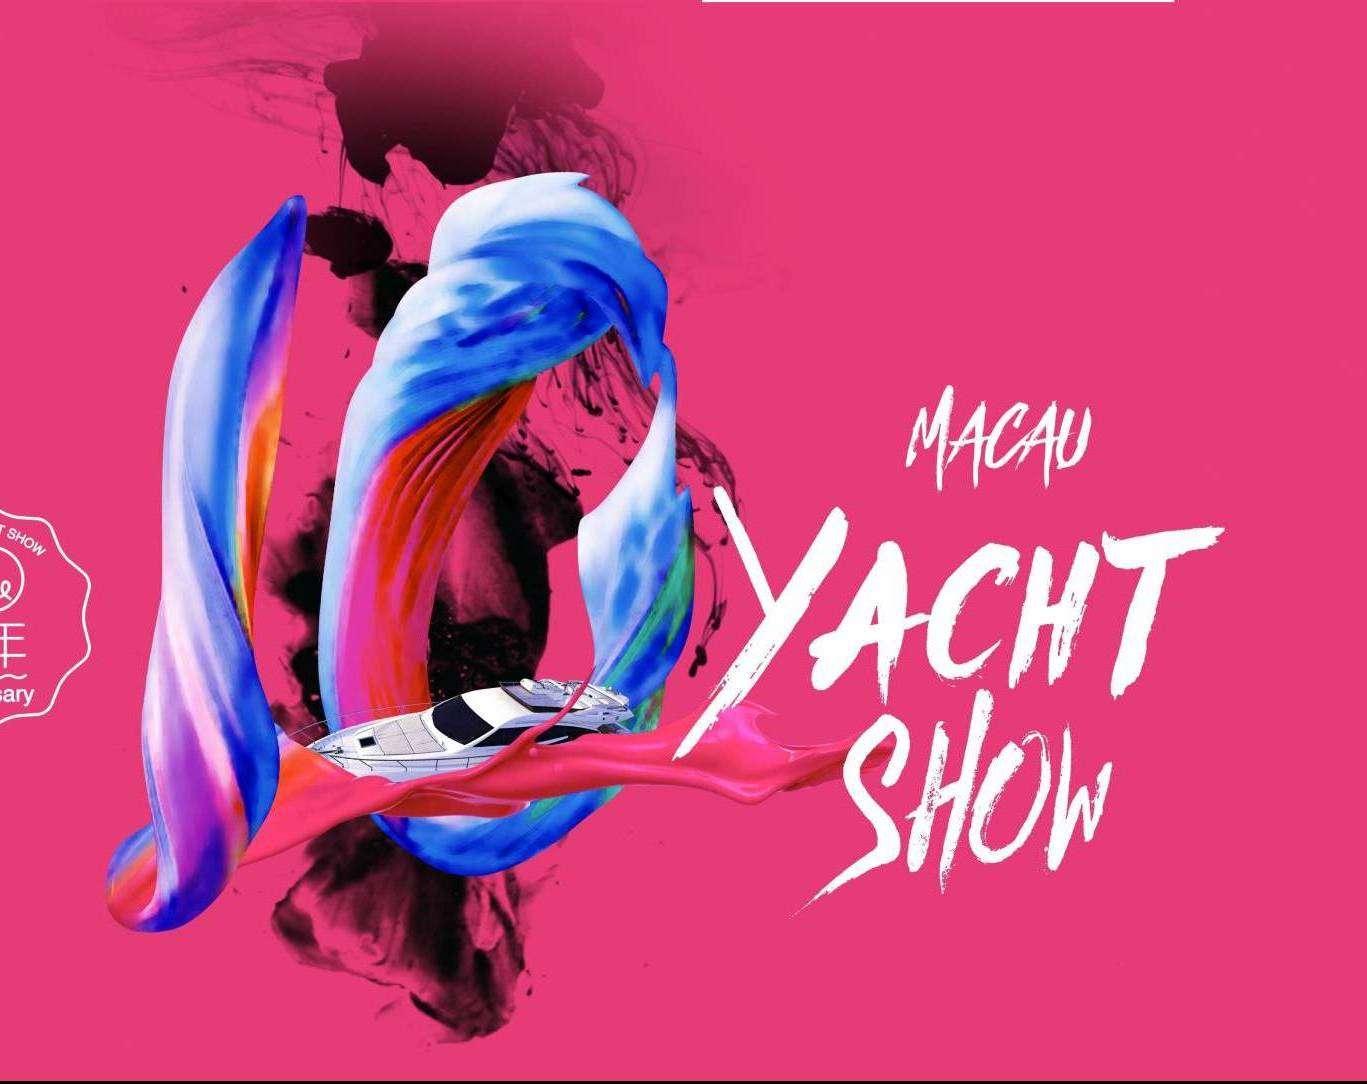 Macau Yacht Show 2020